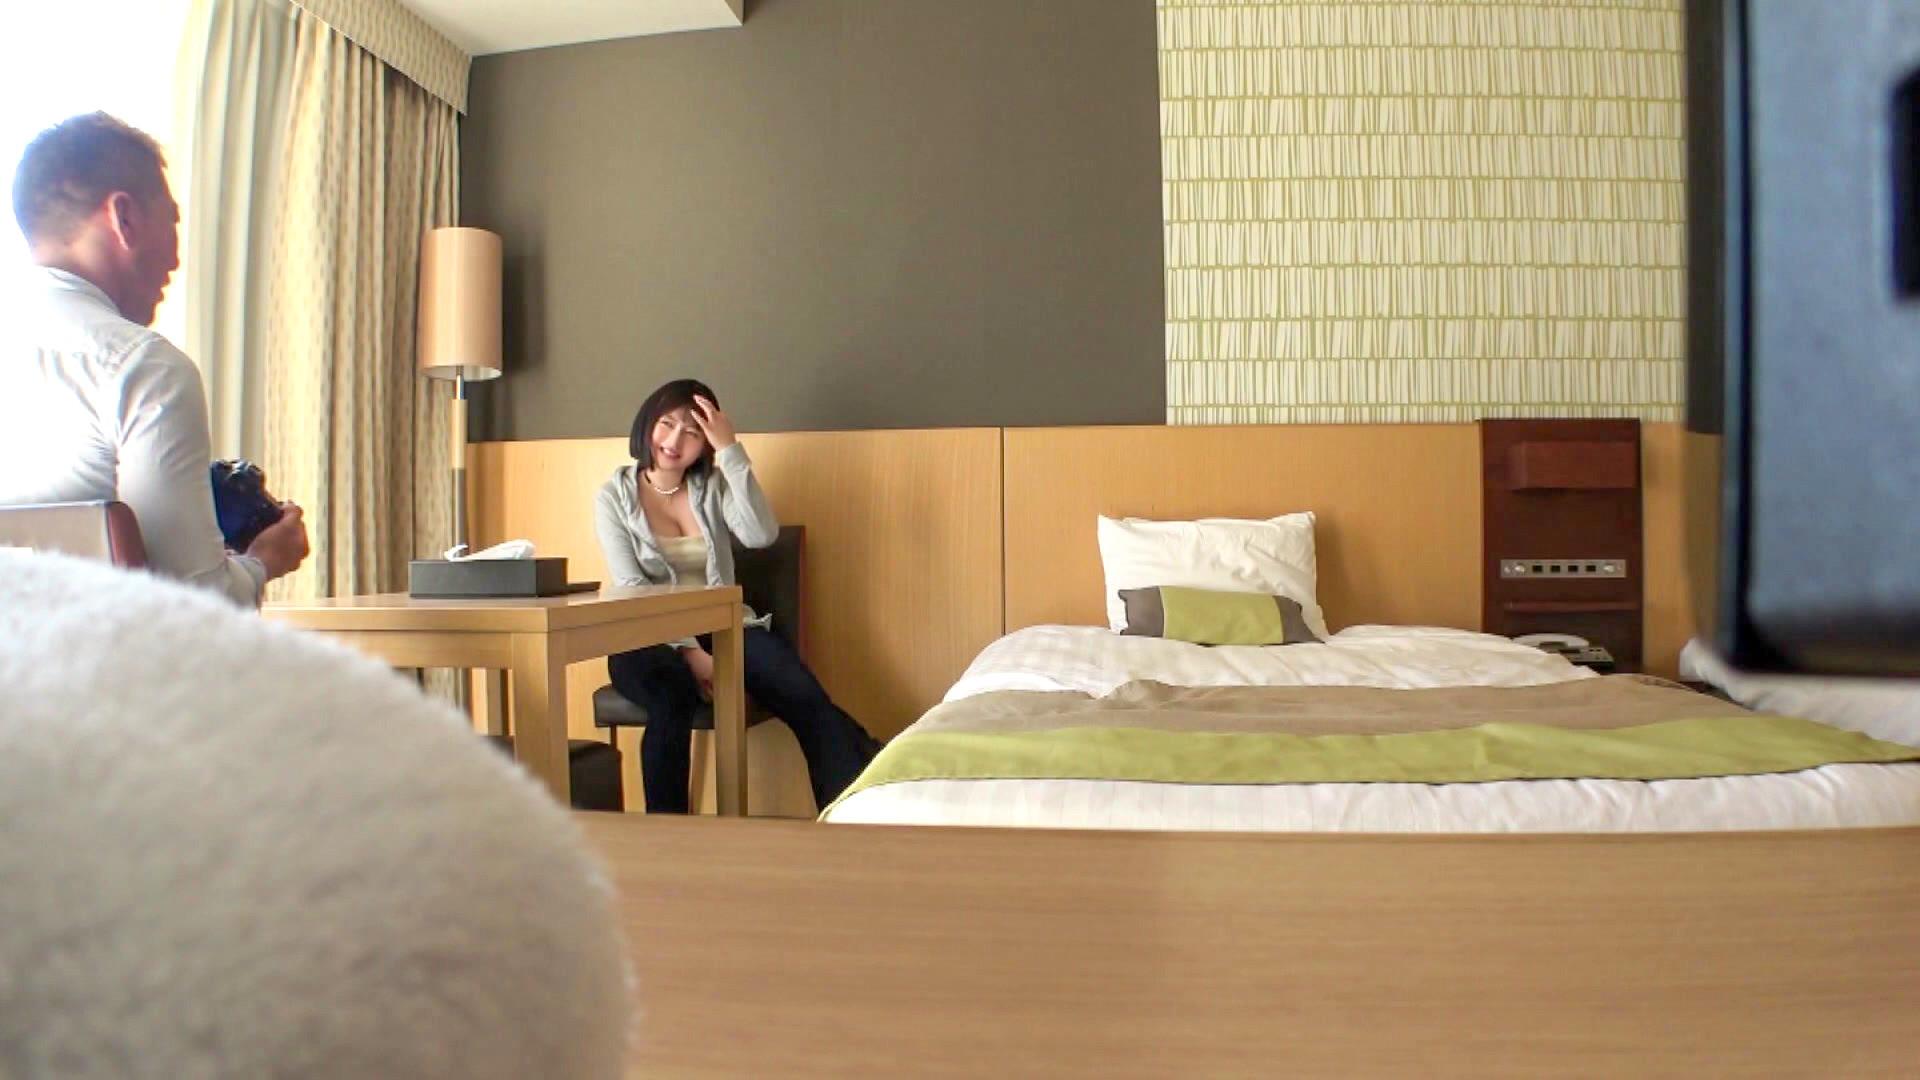 【個撮×Gカップレイヤー】ホテル撮影でバイブで悪戯したら大量潮吹き!ツンデレコスプレイヤーは絶対服従のいいなりメスに大変身ww極太ち〇ぽに快楽堕ちで痙攣が止まらない!